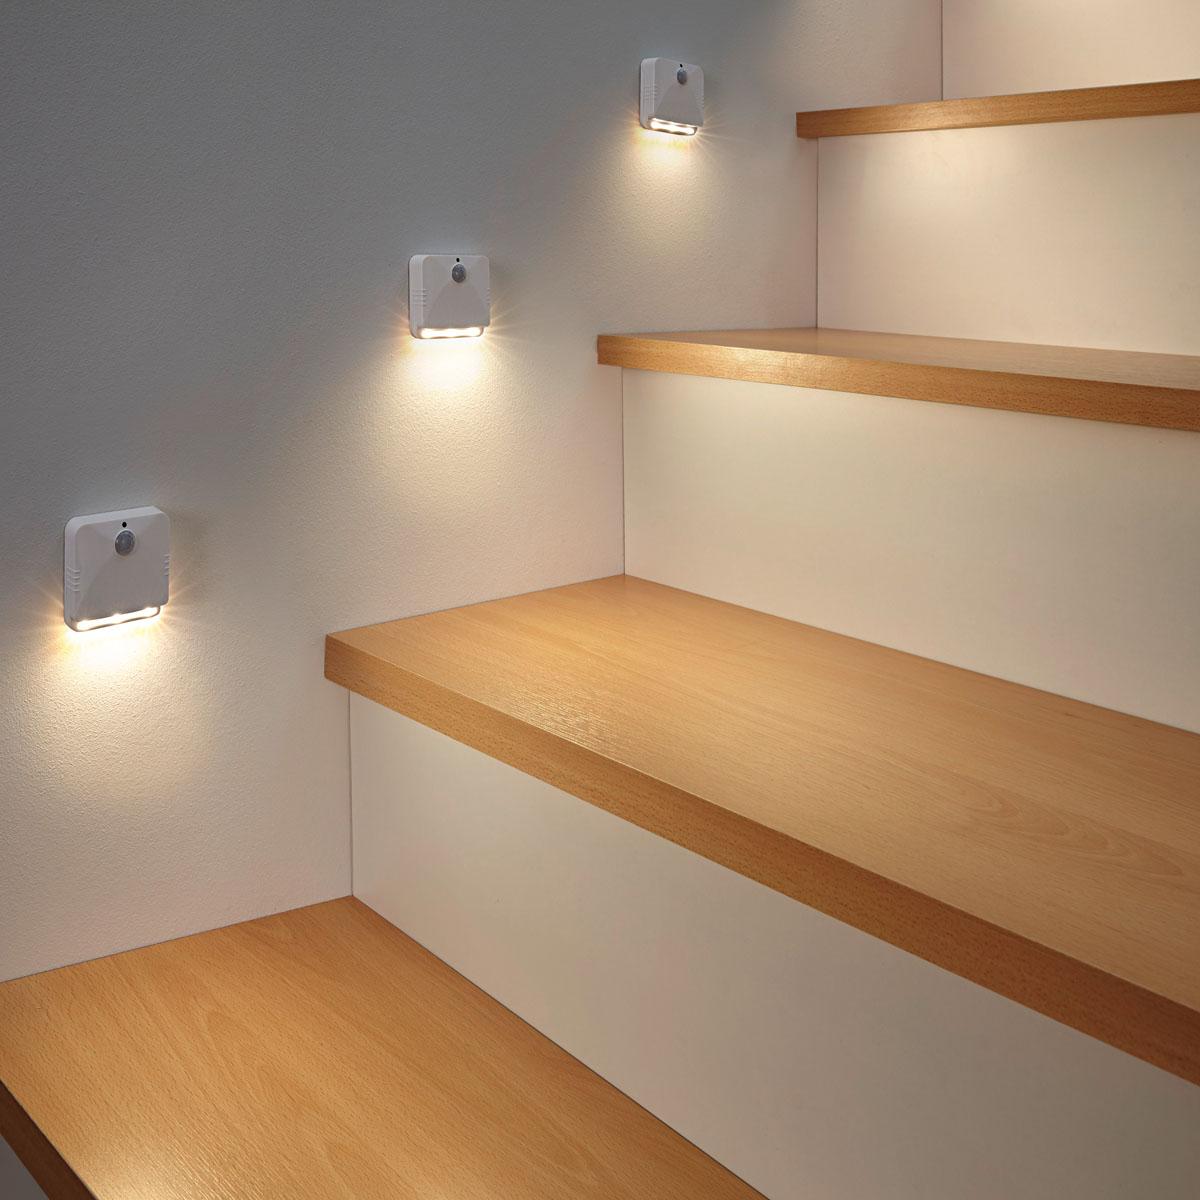 Светильники LED для лестницы, с сенсором движения, 2 штуки [08133],